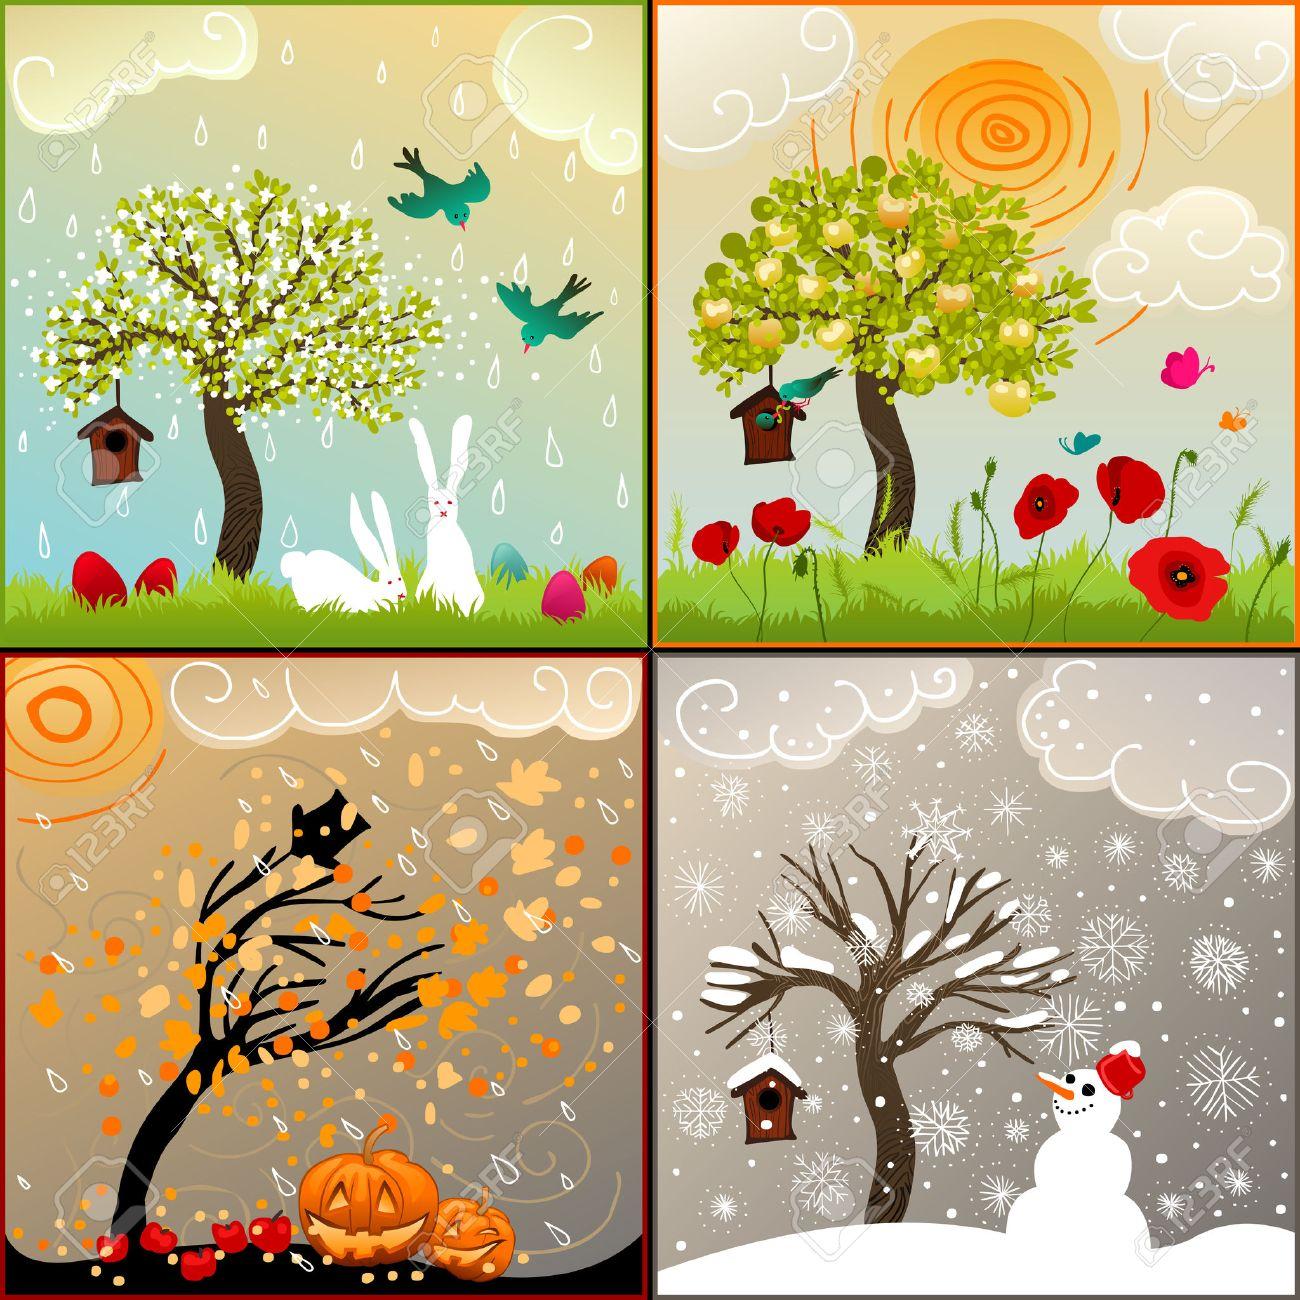 """Résultat de recherche d'images pour """"les 4 saisons arbres"""""""